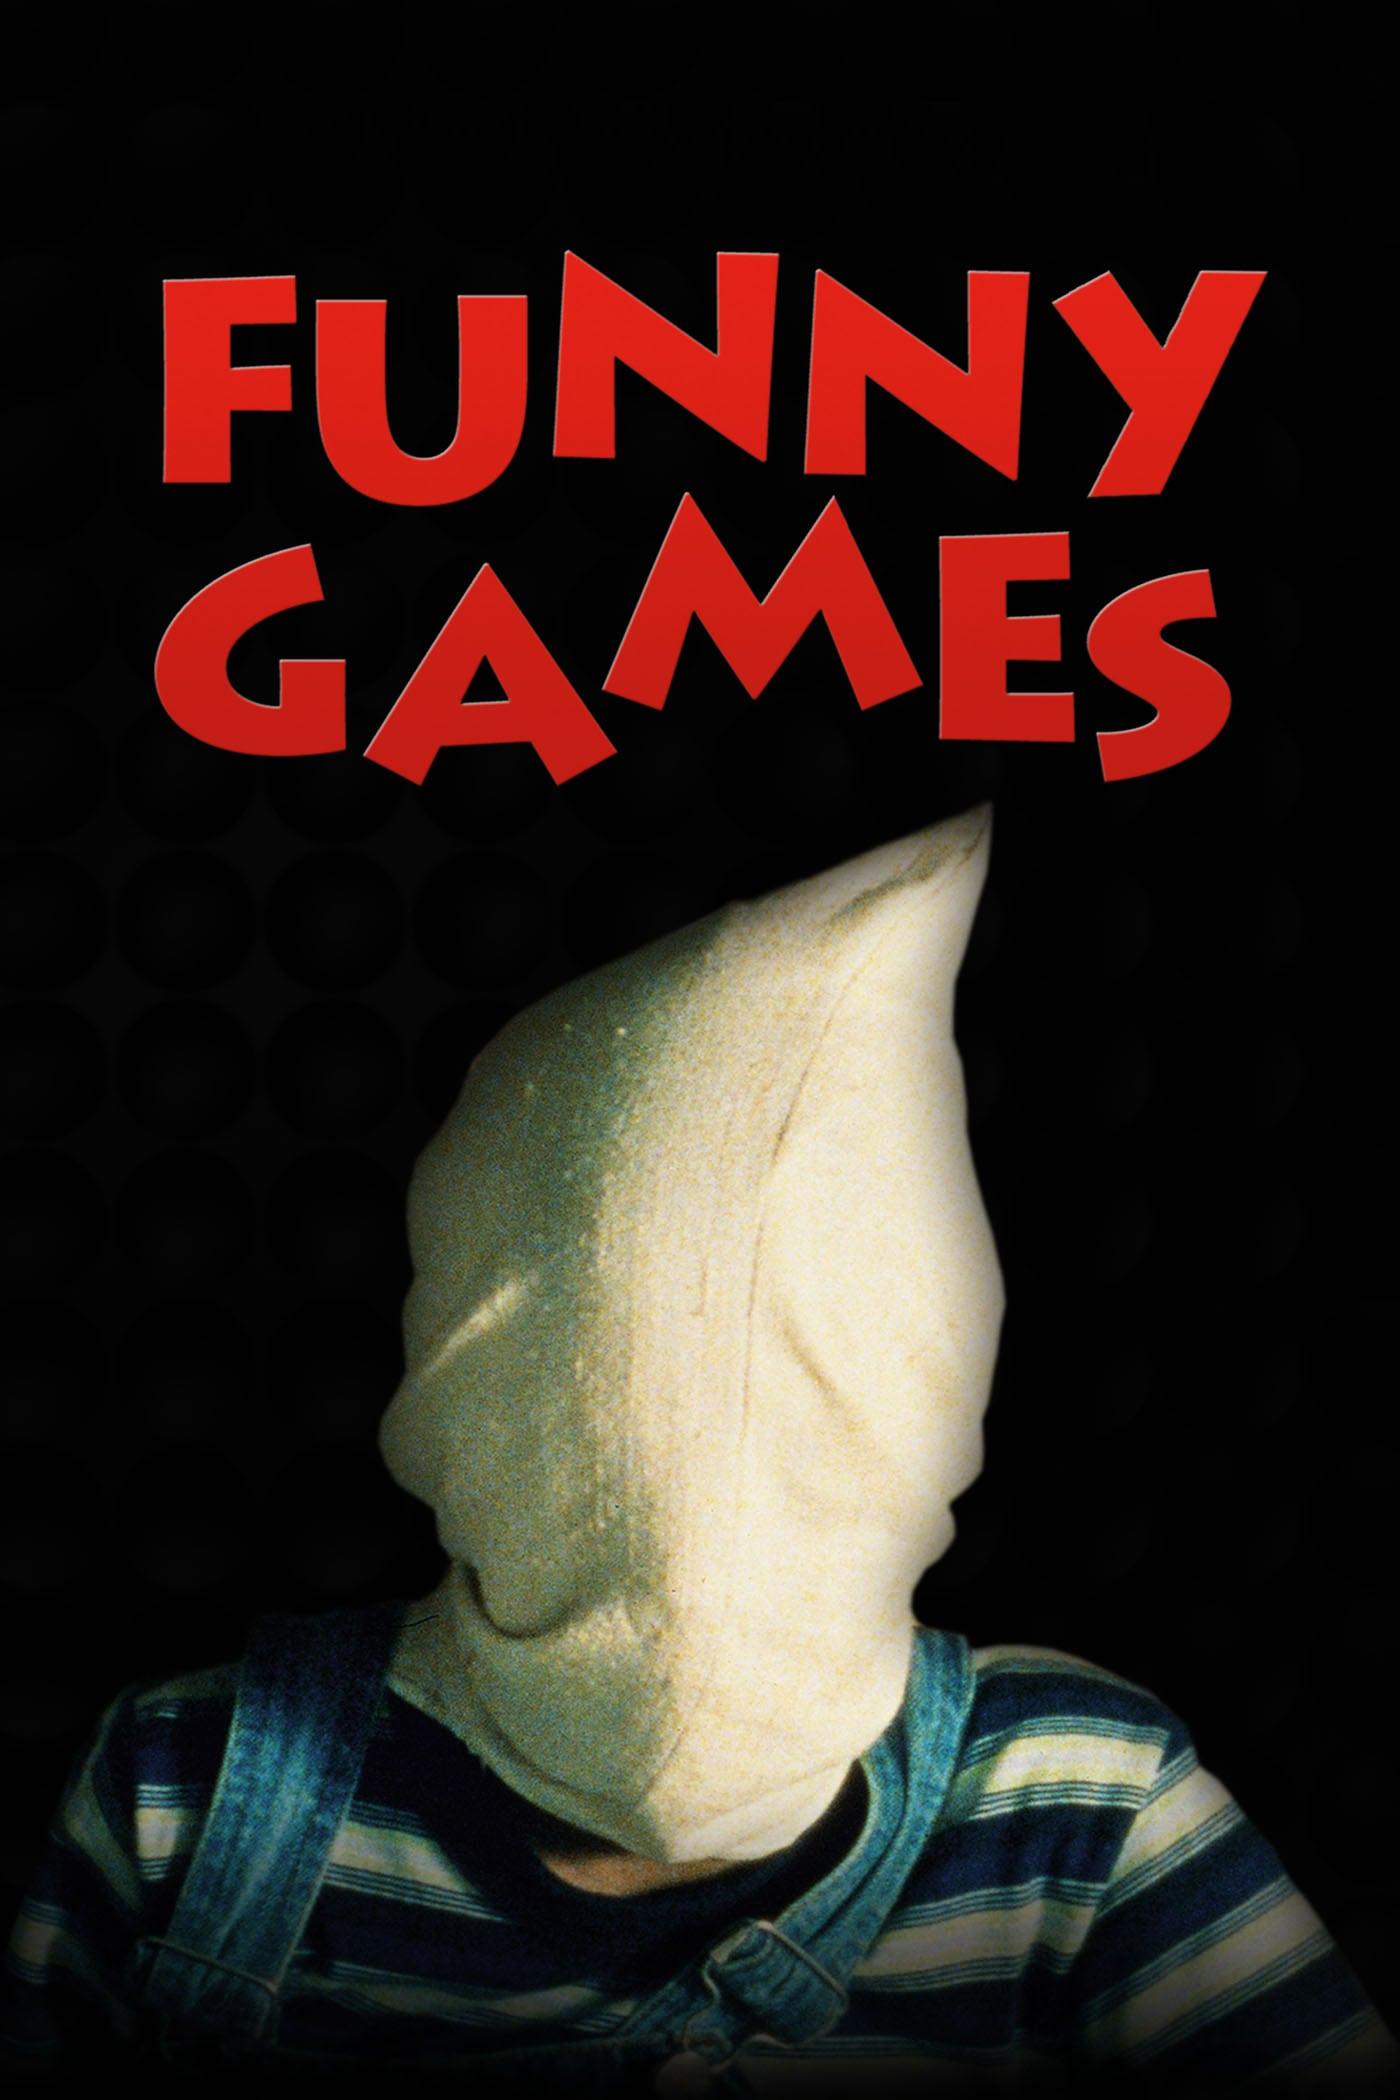 Regarder Funny Games en streaming gratuit